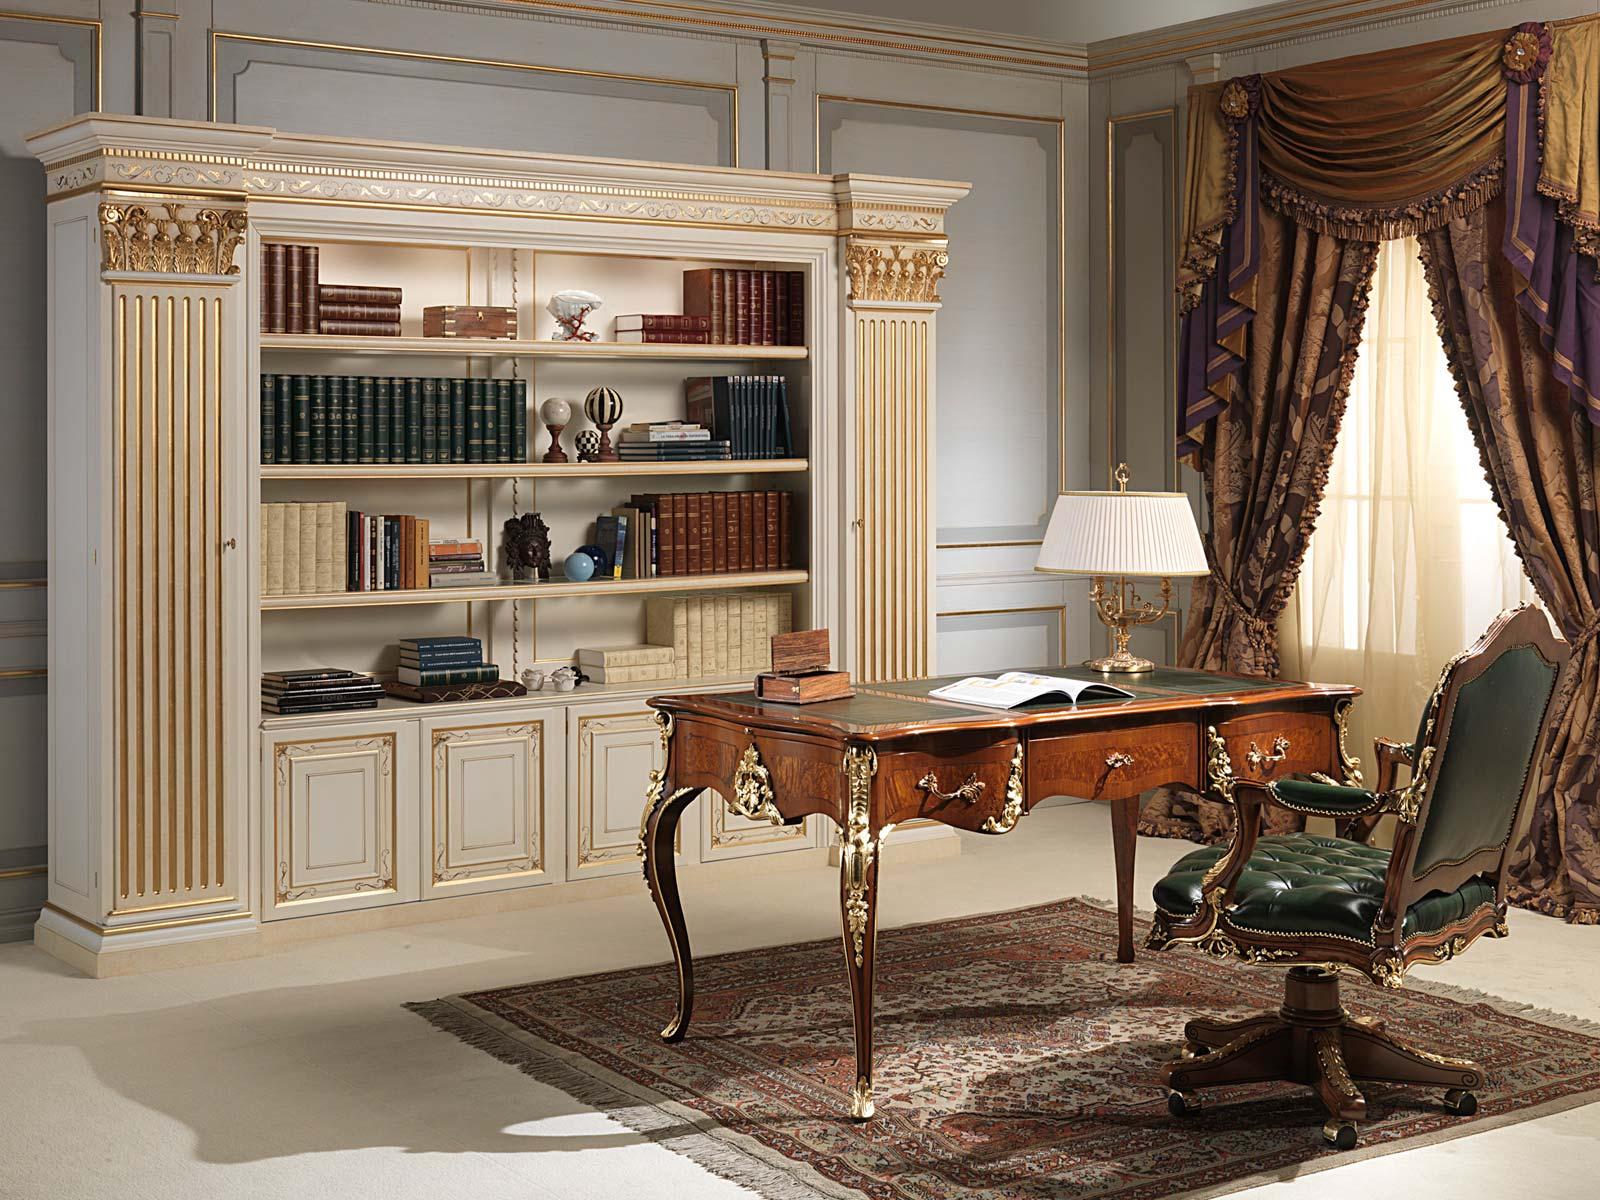 Bureau et fauteuil louis xv avec biblioth que classique for Arredamento classico casa